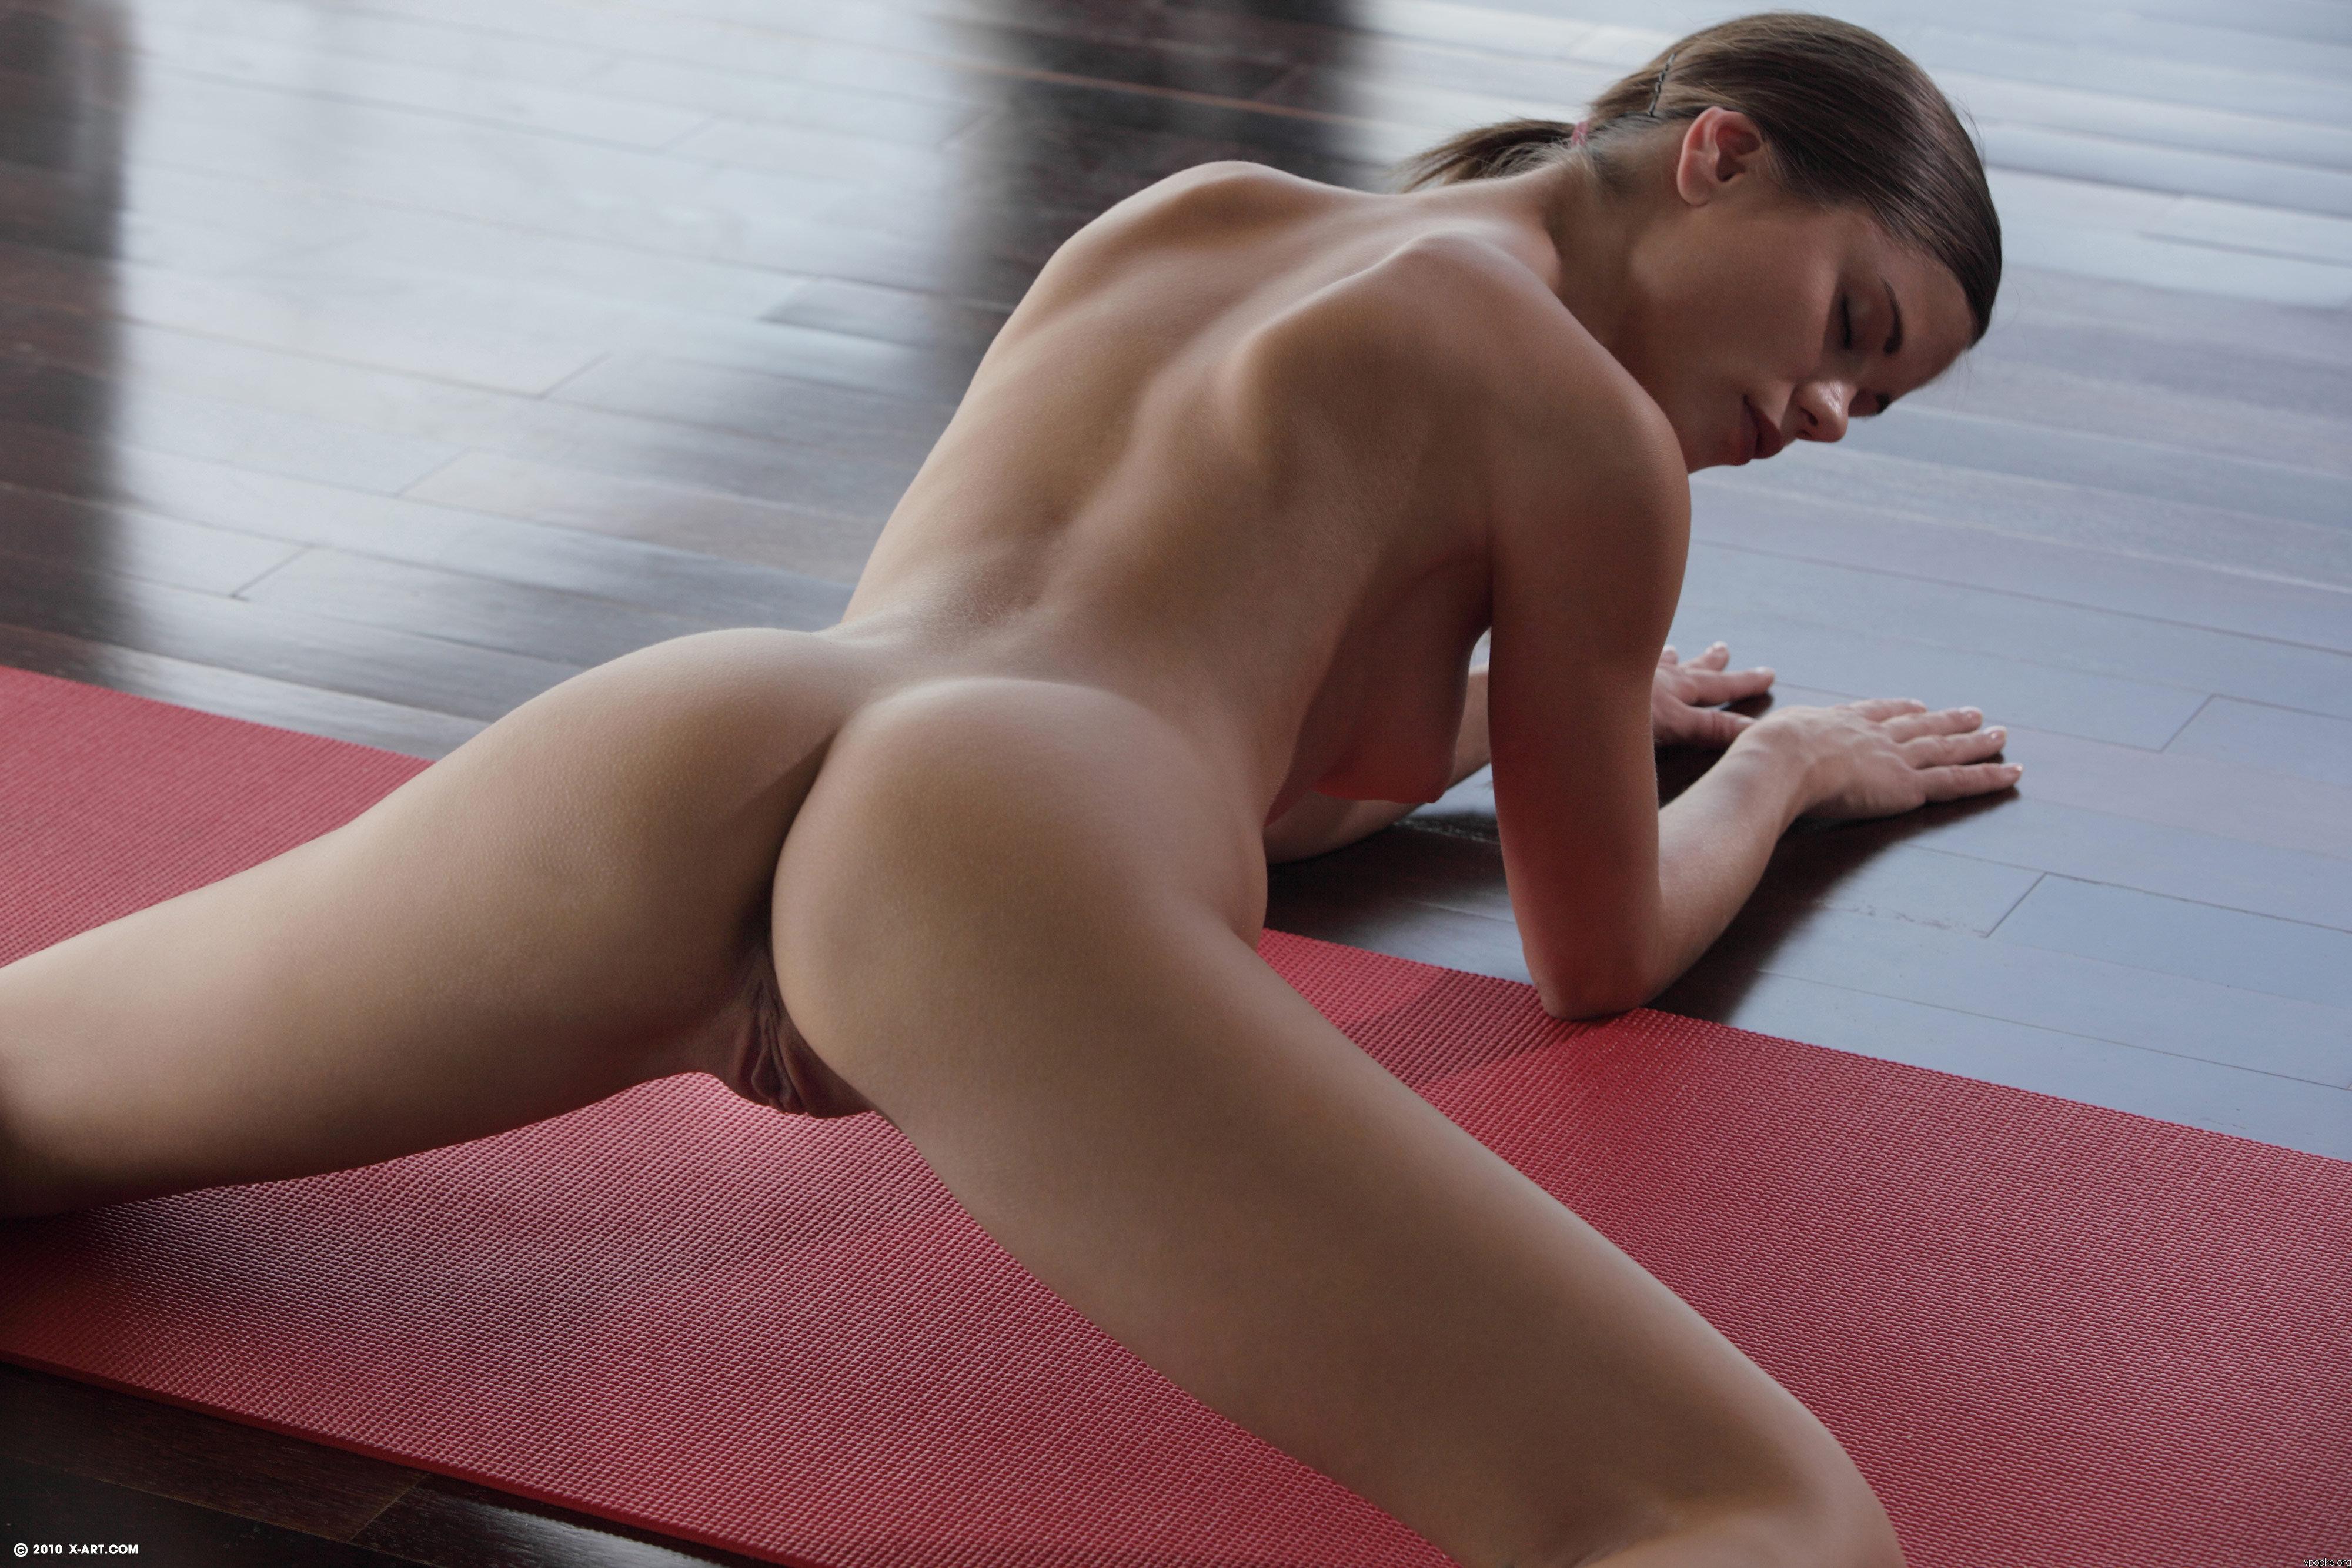 Смотреть бесплатно обнаженные гимнастки 5 фотография